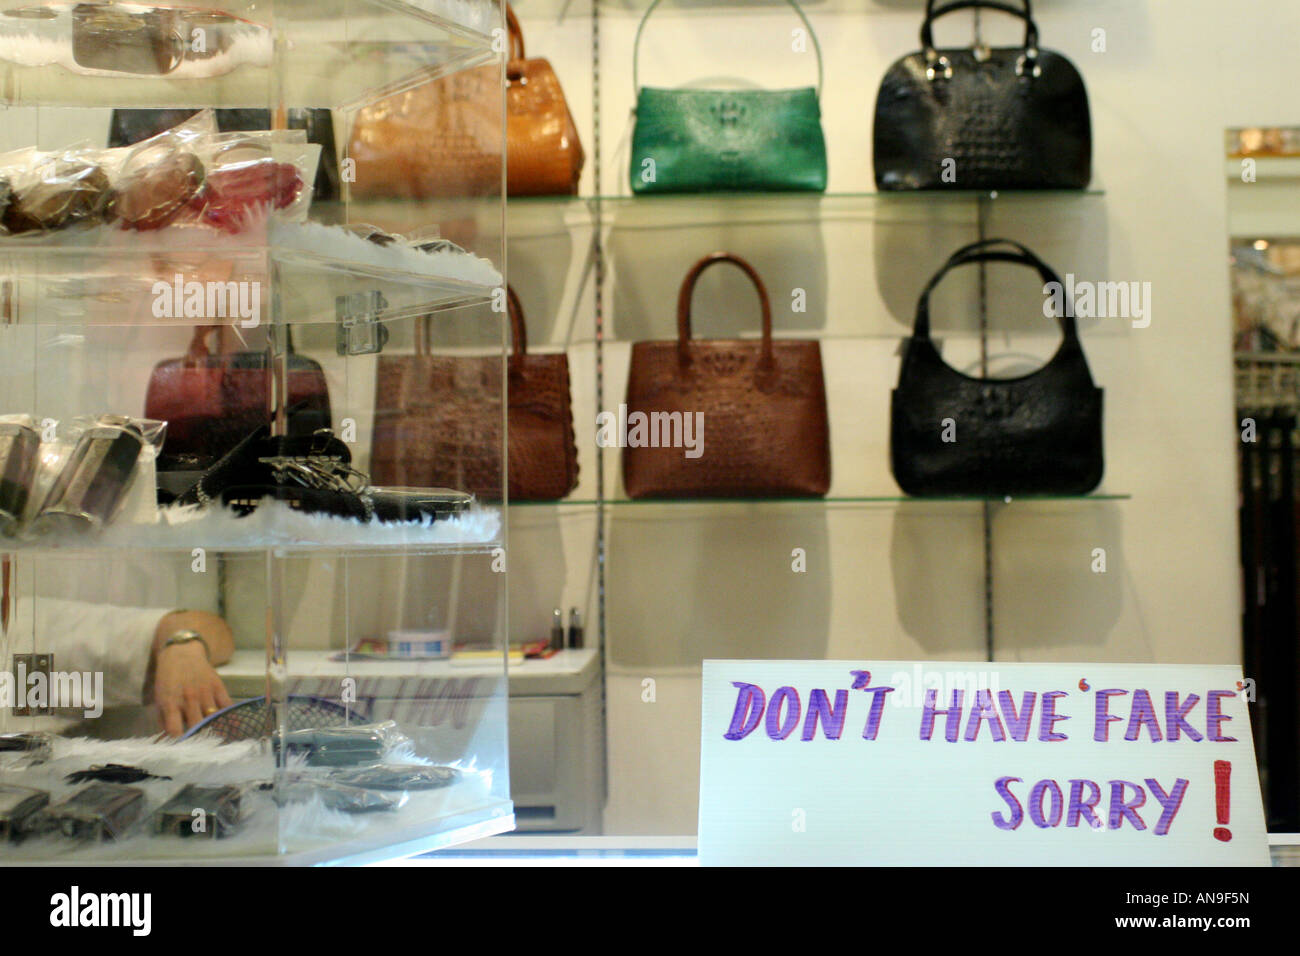 6c9c65dca5 'Vrai' sac à main magasin au centre commercial MBK, Bangkok, Thaïlande.